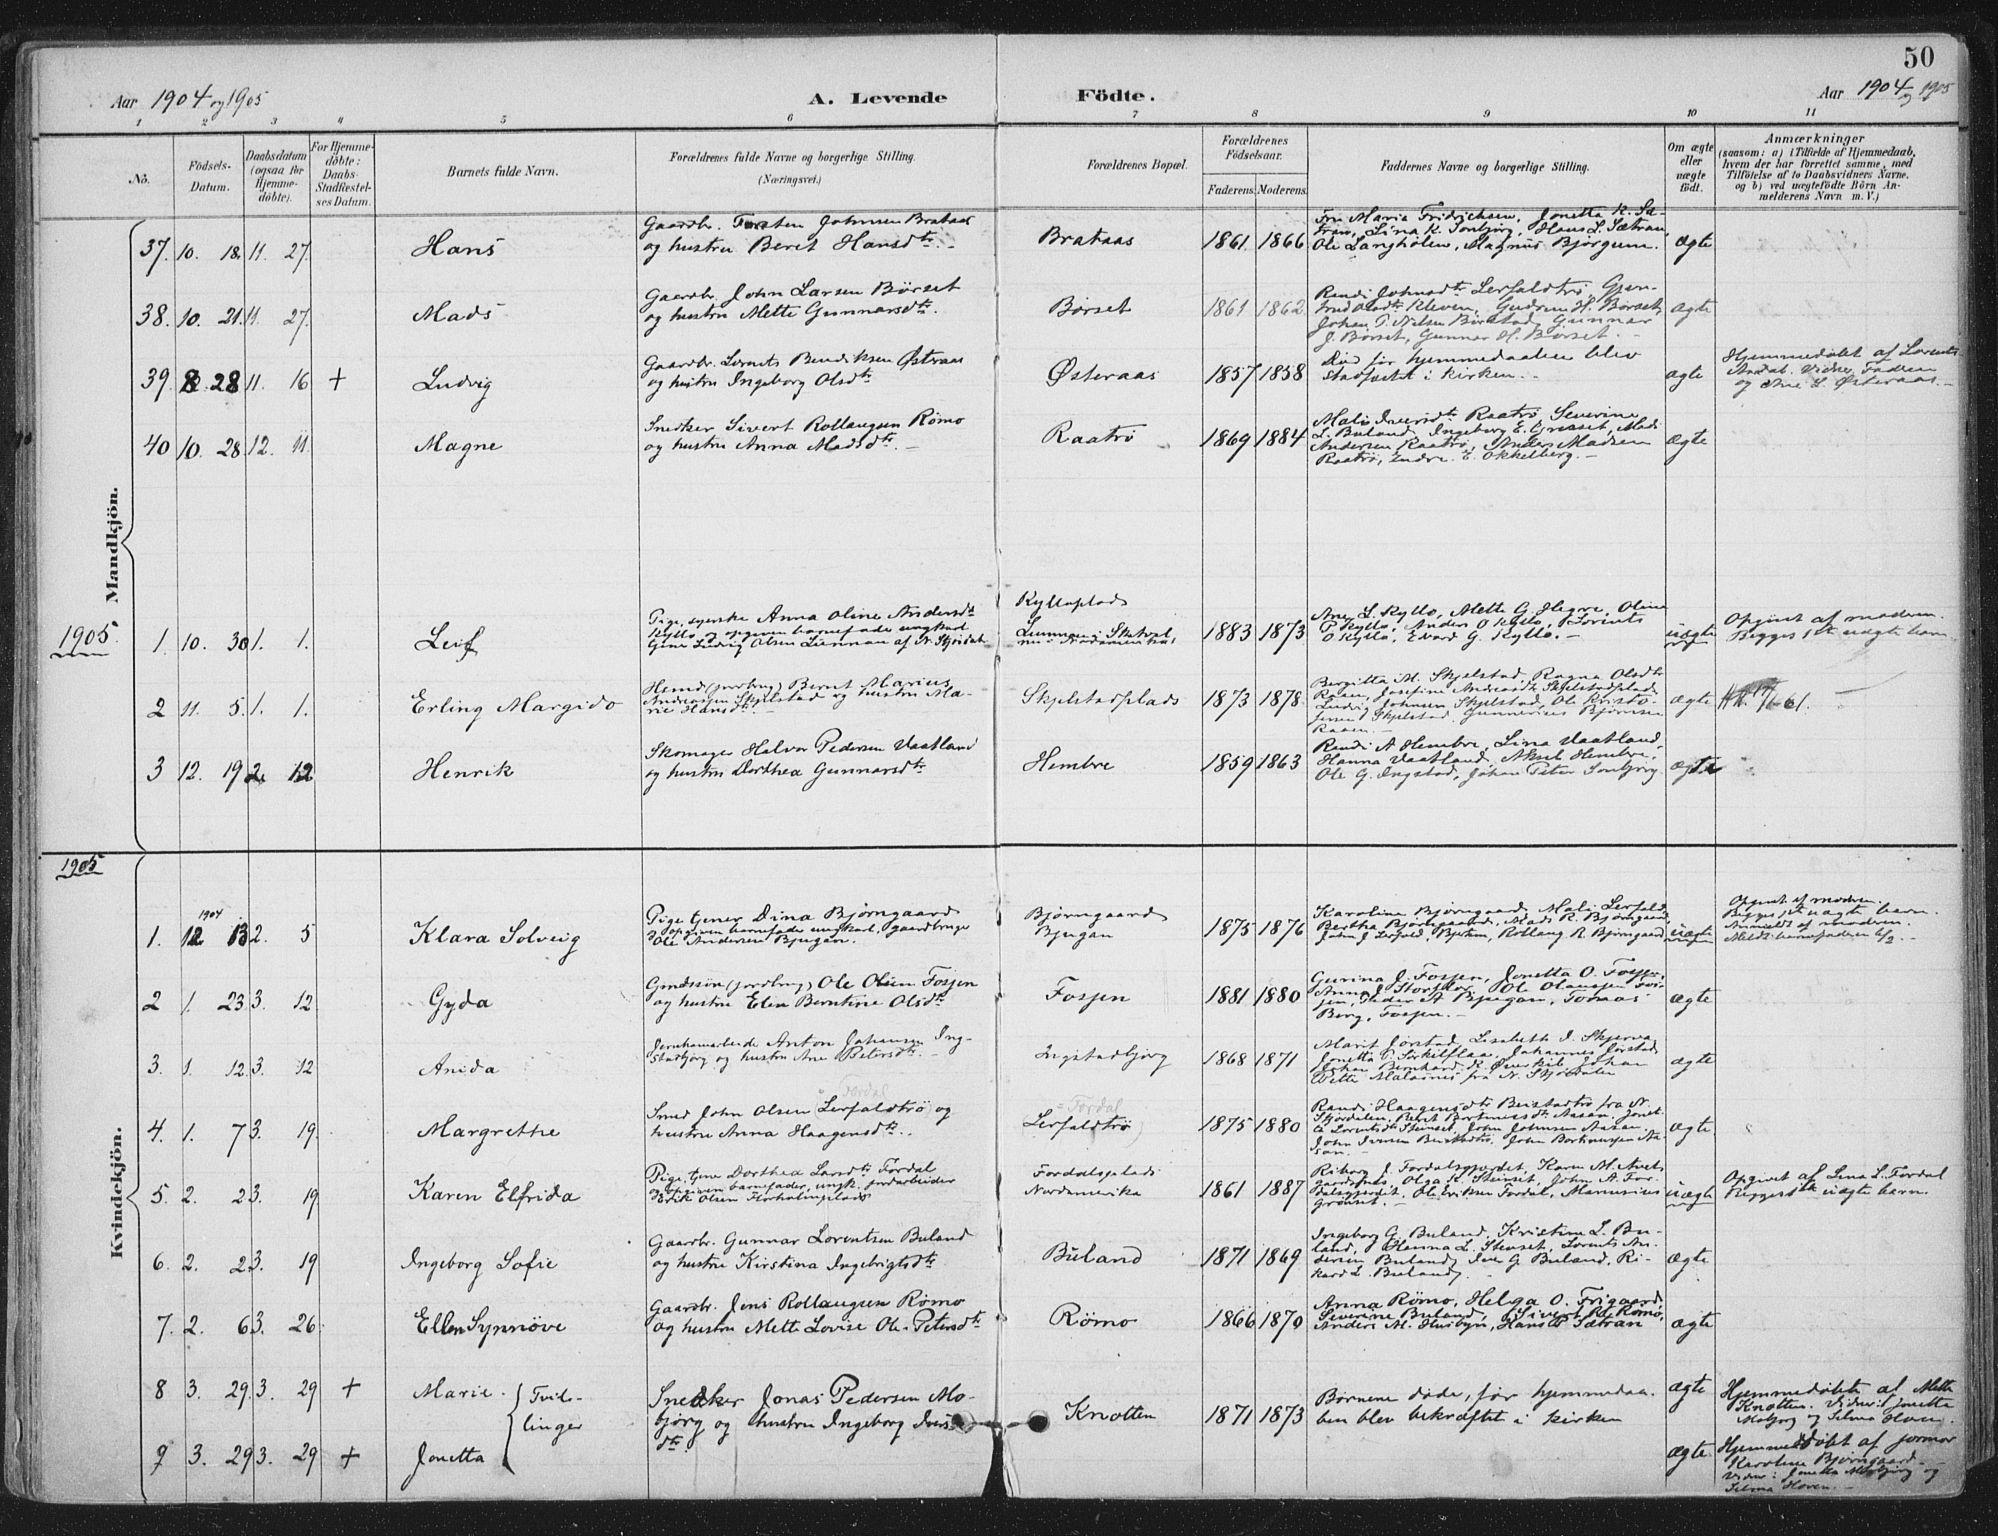 SAT, Ministerialprotokoller, klokkerbøker og fødselsregistre - Nord-Trøndelag, 703/L0031: Ministerialbok nr. 703A04, 1893-1914, s. 50